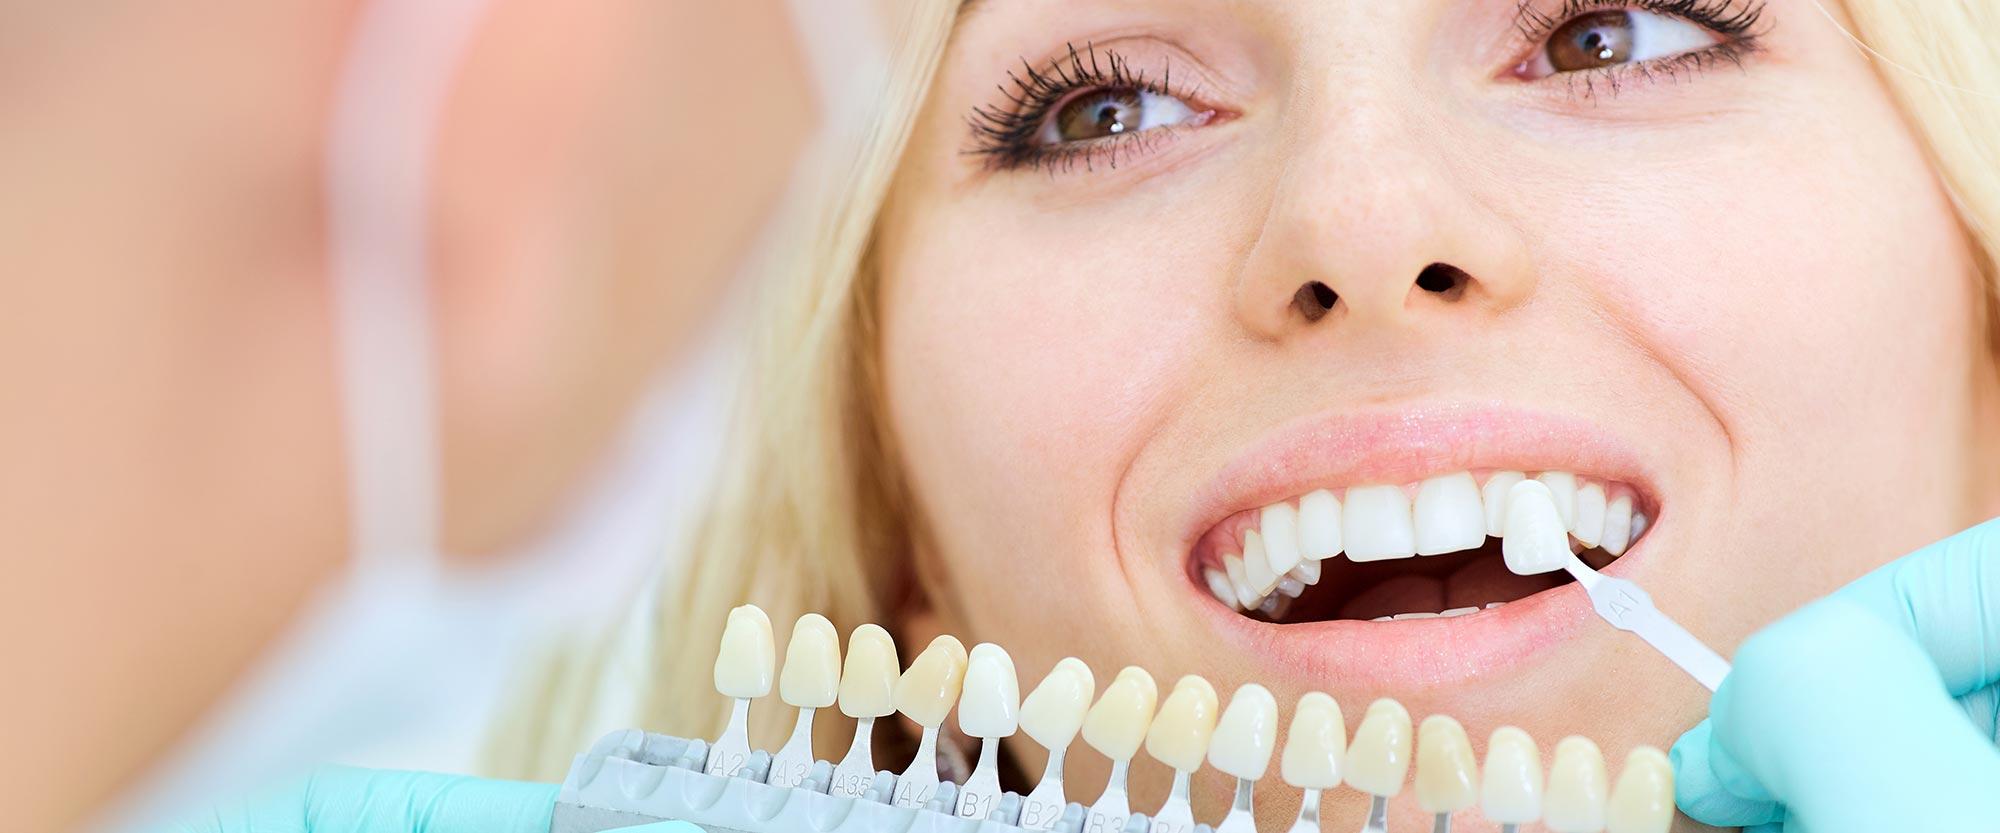 Bestimmung der individuellen Zahnfarbe für Veneers aus Ihrer Zahnarztpraxis in Leer